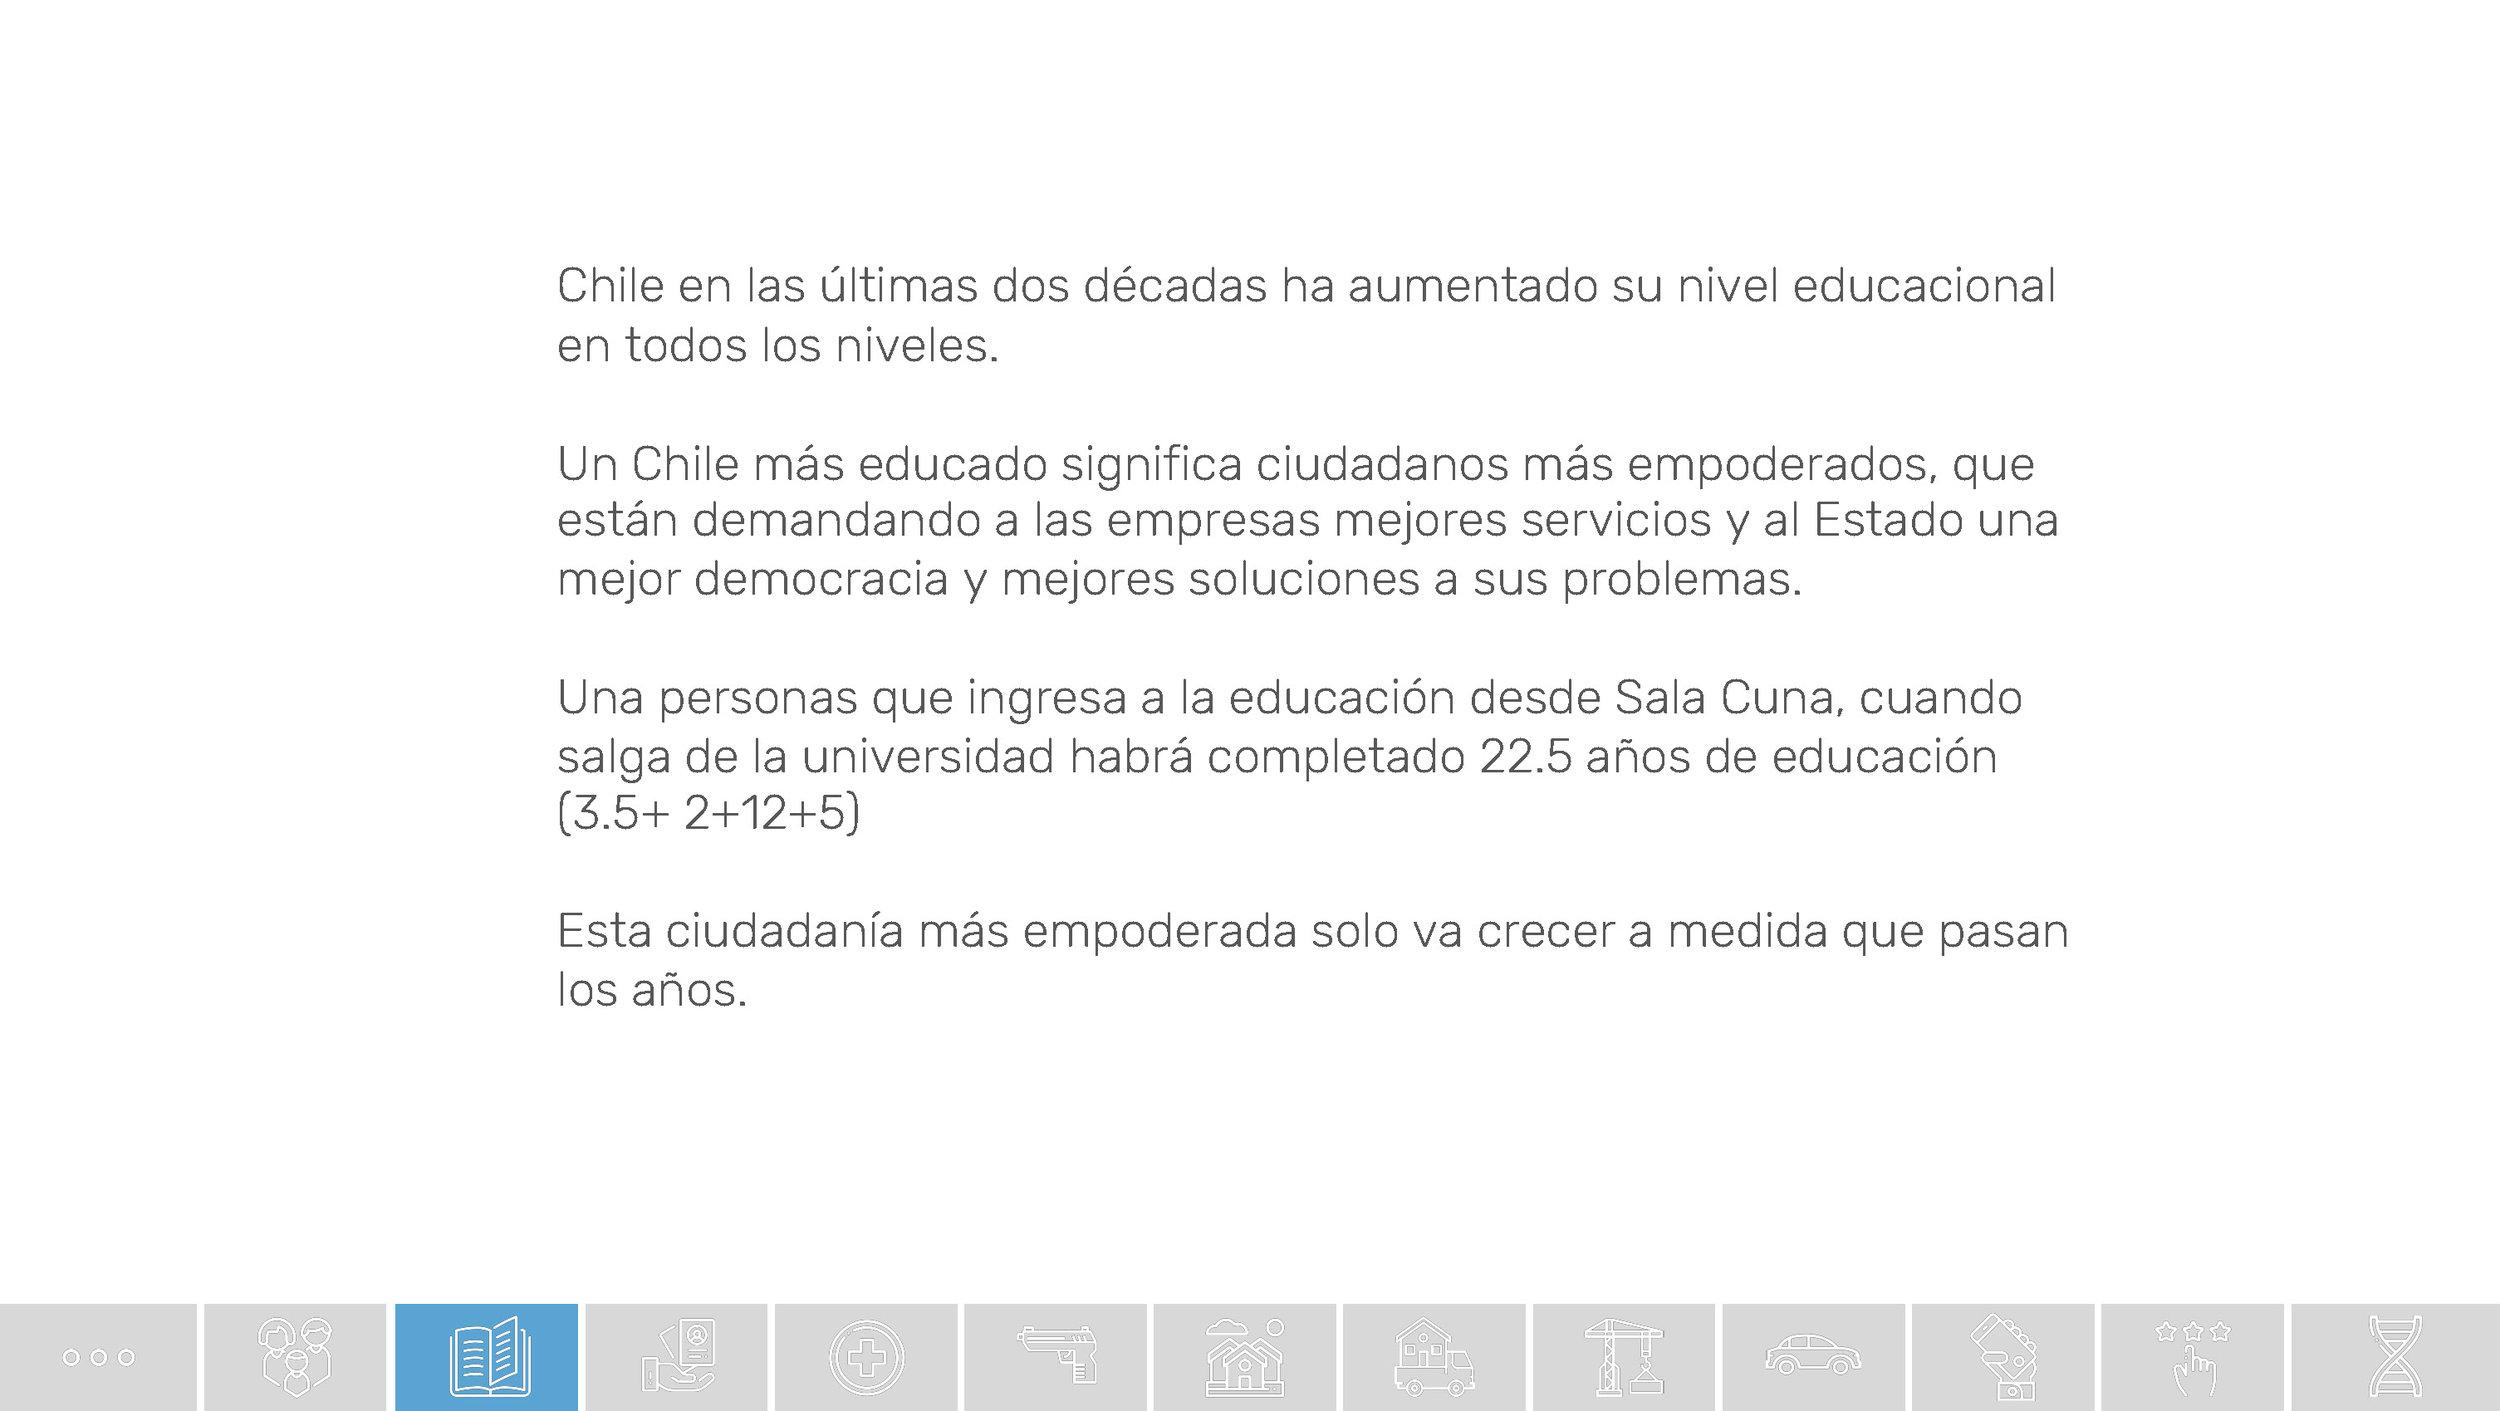 Chile_Datos de una transformacion social_Unholster_Página_24.jpg